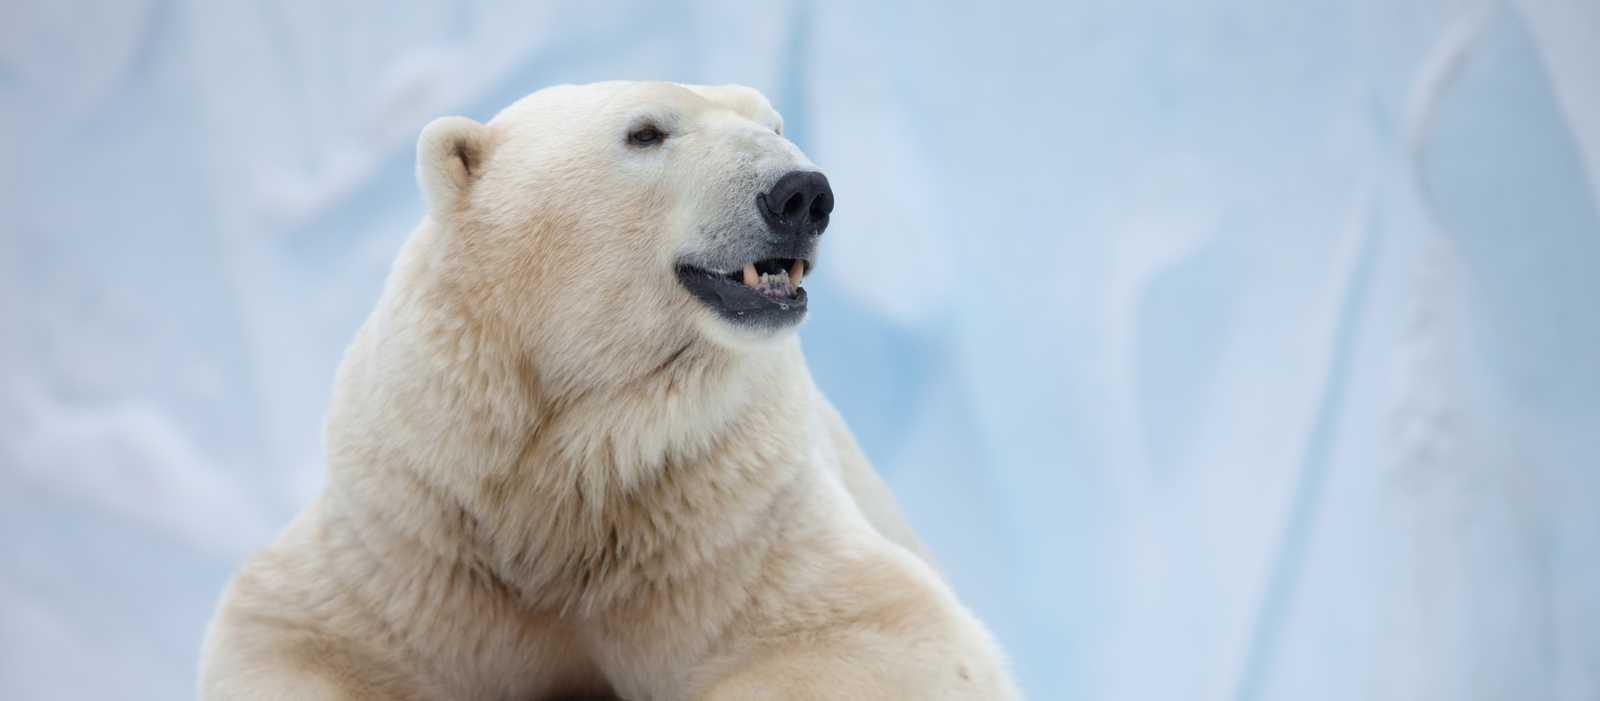 Ein großer Eisbär im Eis